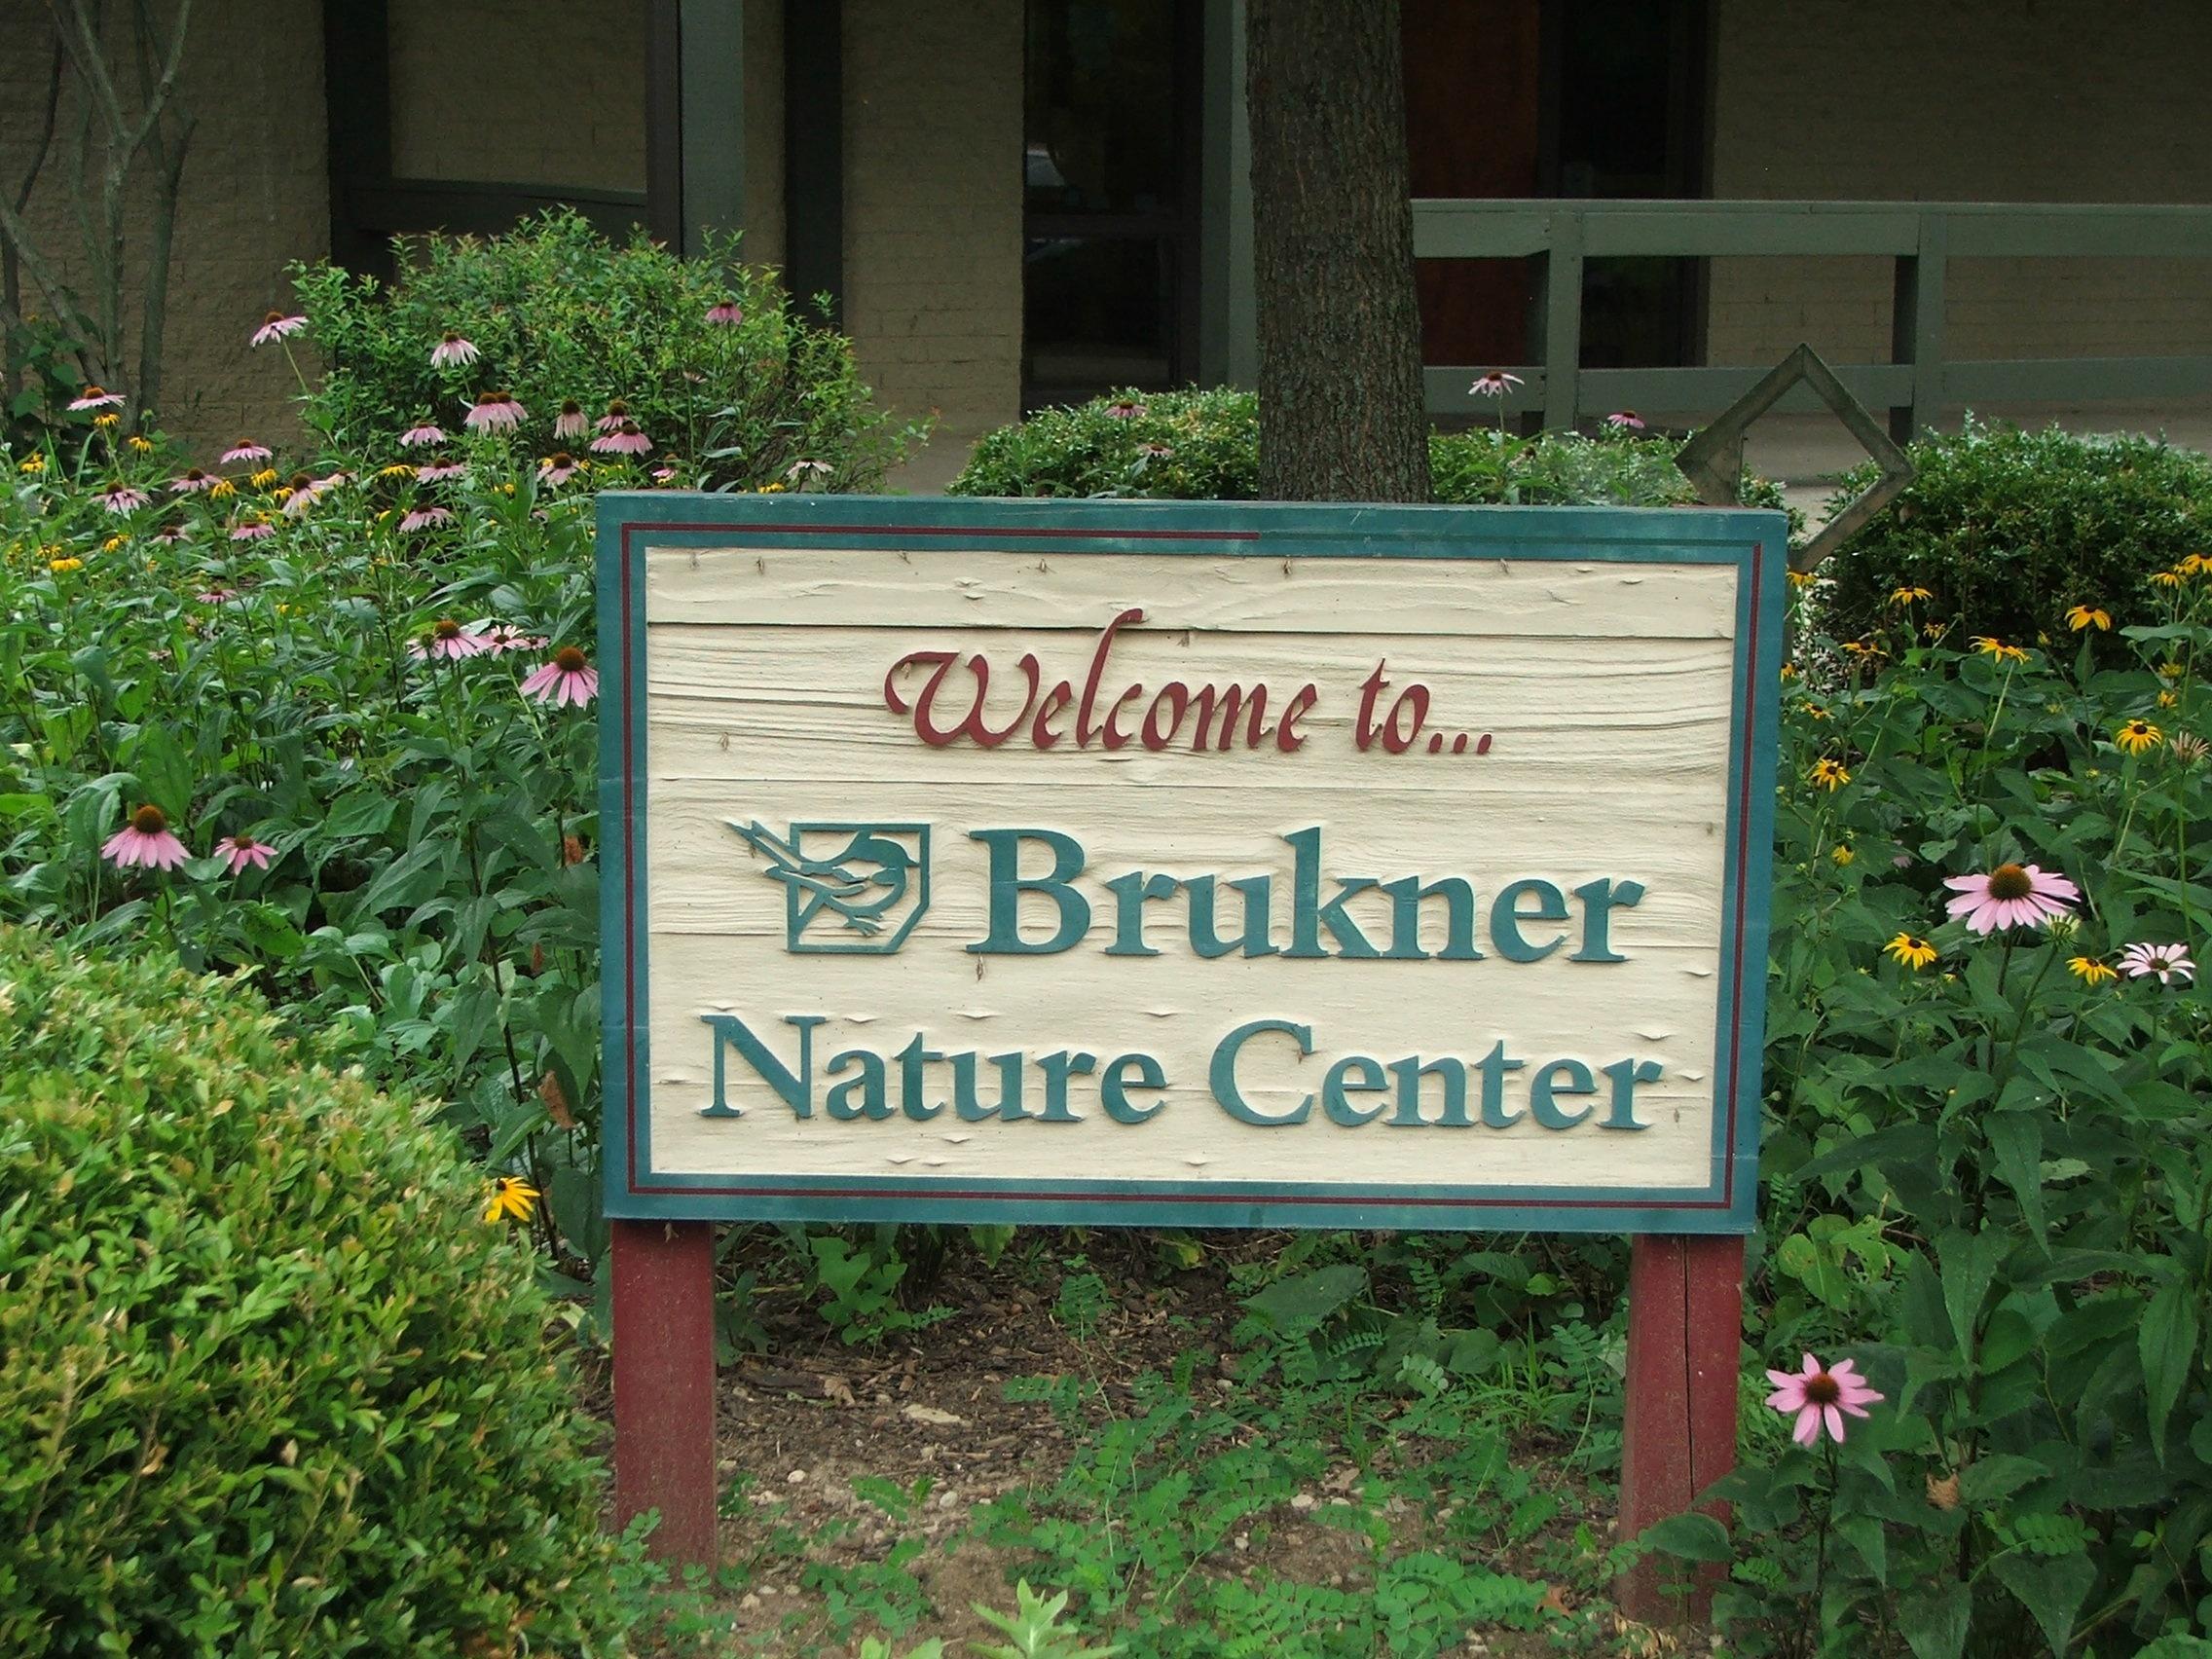 Brukner Nature Center In Troy Ohio